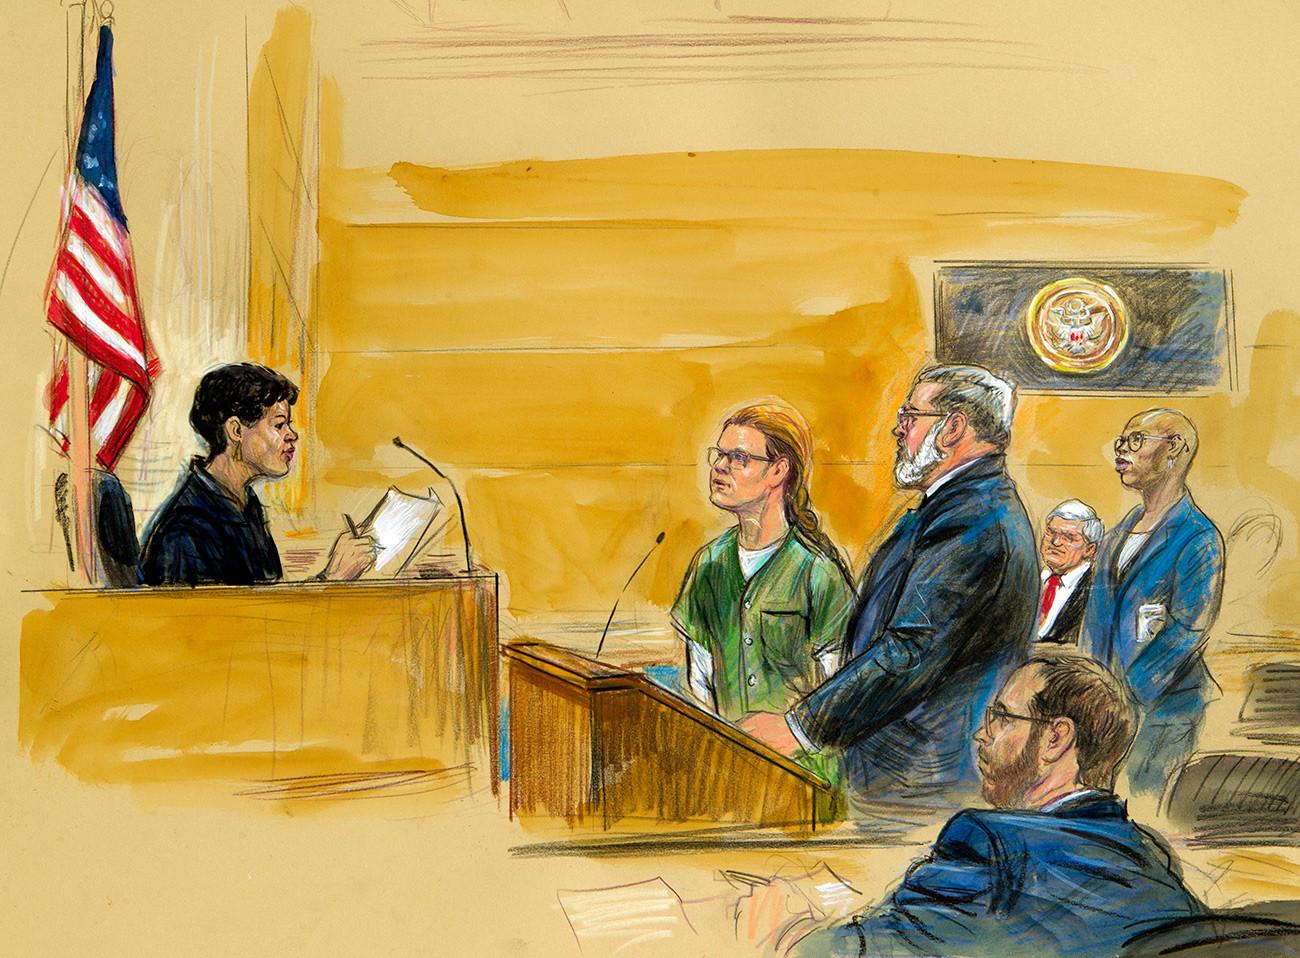 Na slici iz sudnice, Marija Butina (u sredini), do nje se nalazi njezin odvjetnik Robert Driscoll, ispred sutkinje Tanye Chutkan, tokom saslušanja održanog na okružnom sudu u Washingtonu, 13. prosinca 2018.